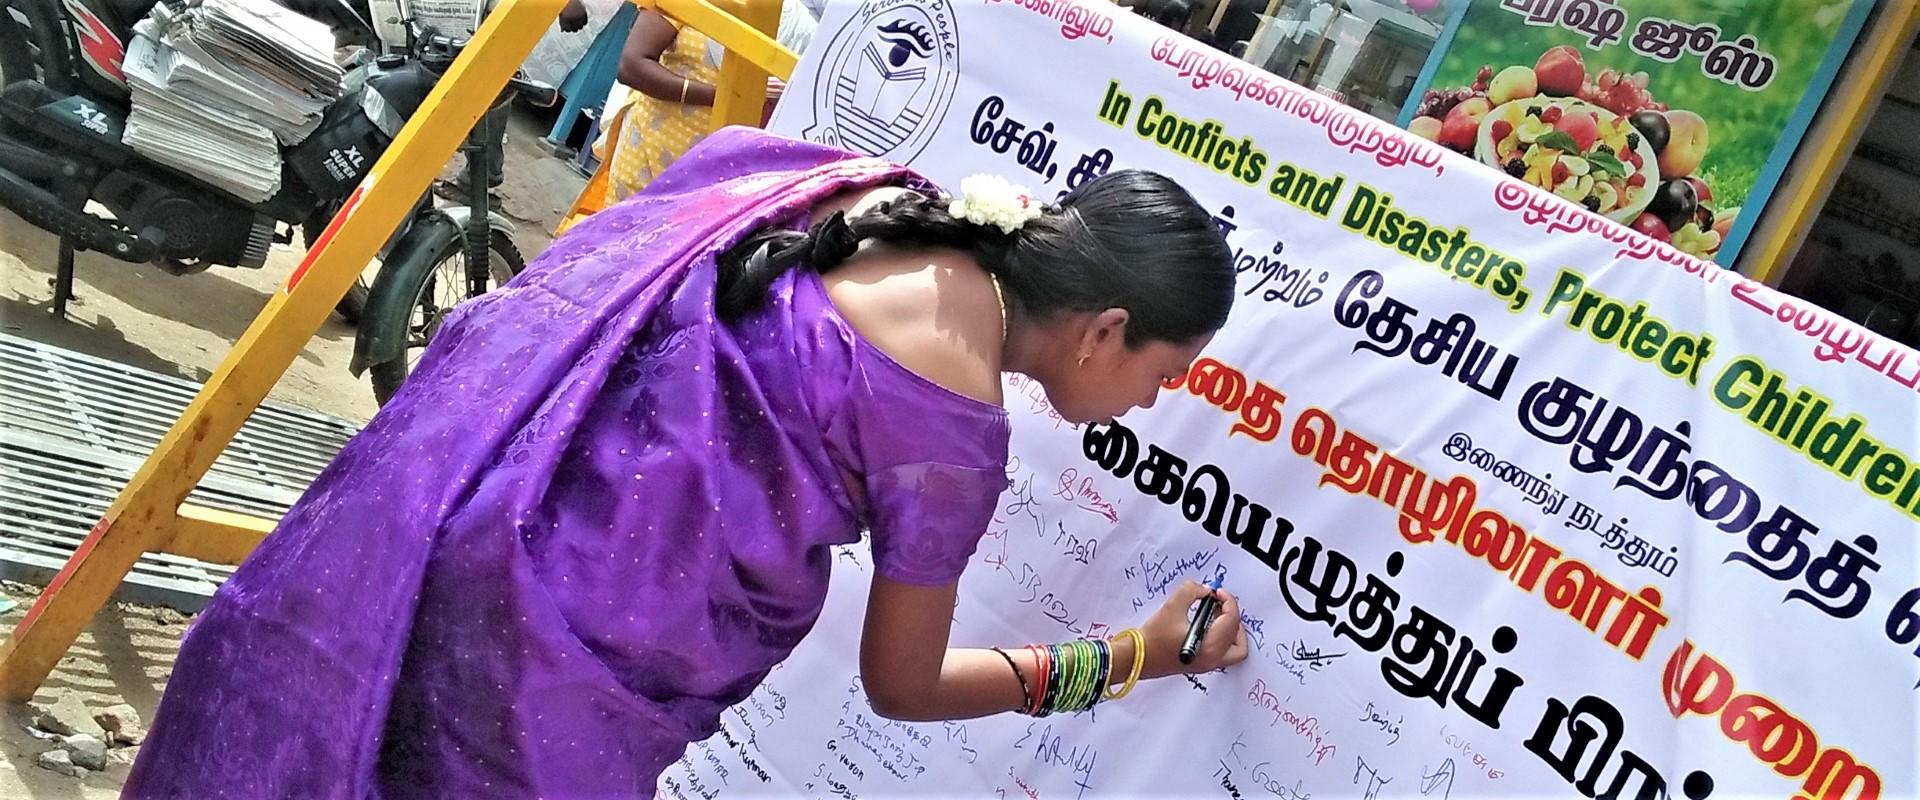 Giornata_contro_lavoro_minorile_firma_india_mani_tese_2017